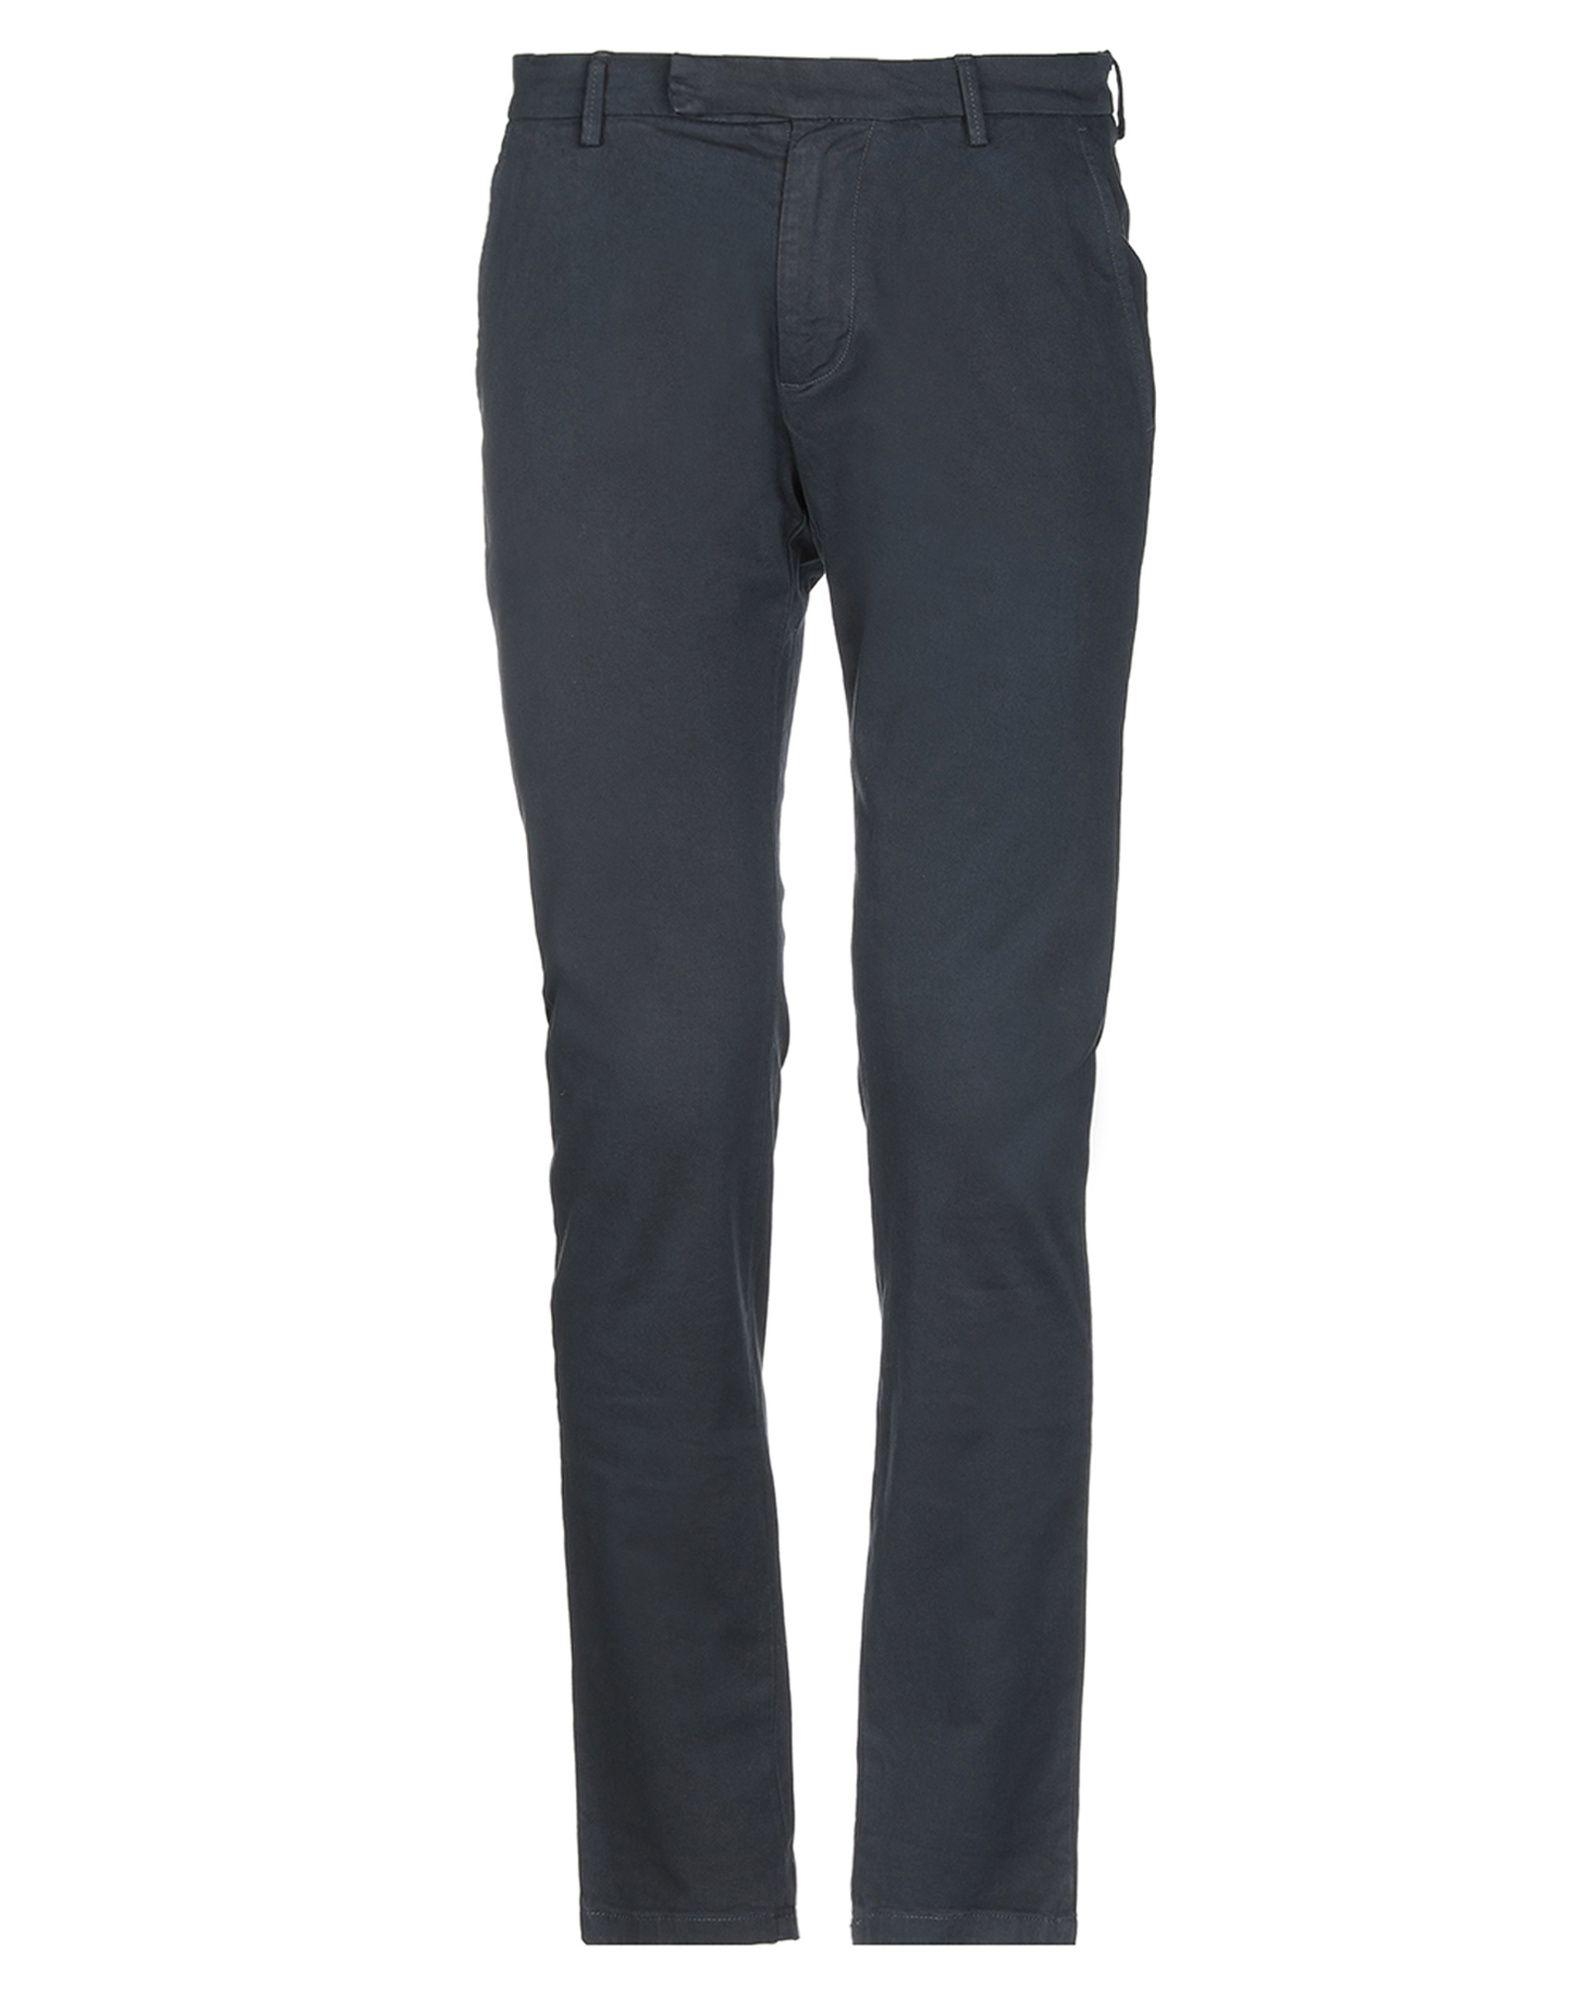 STEFANO CALMONTE per BD Повседневные брюки недорго, оригинальная цена